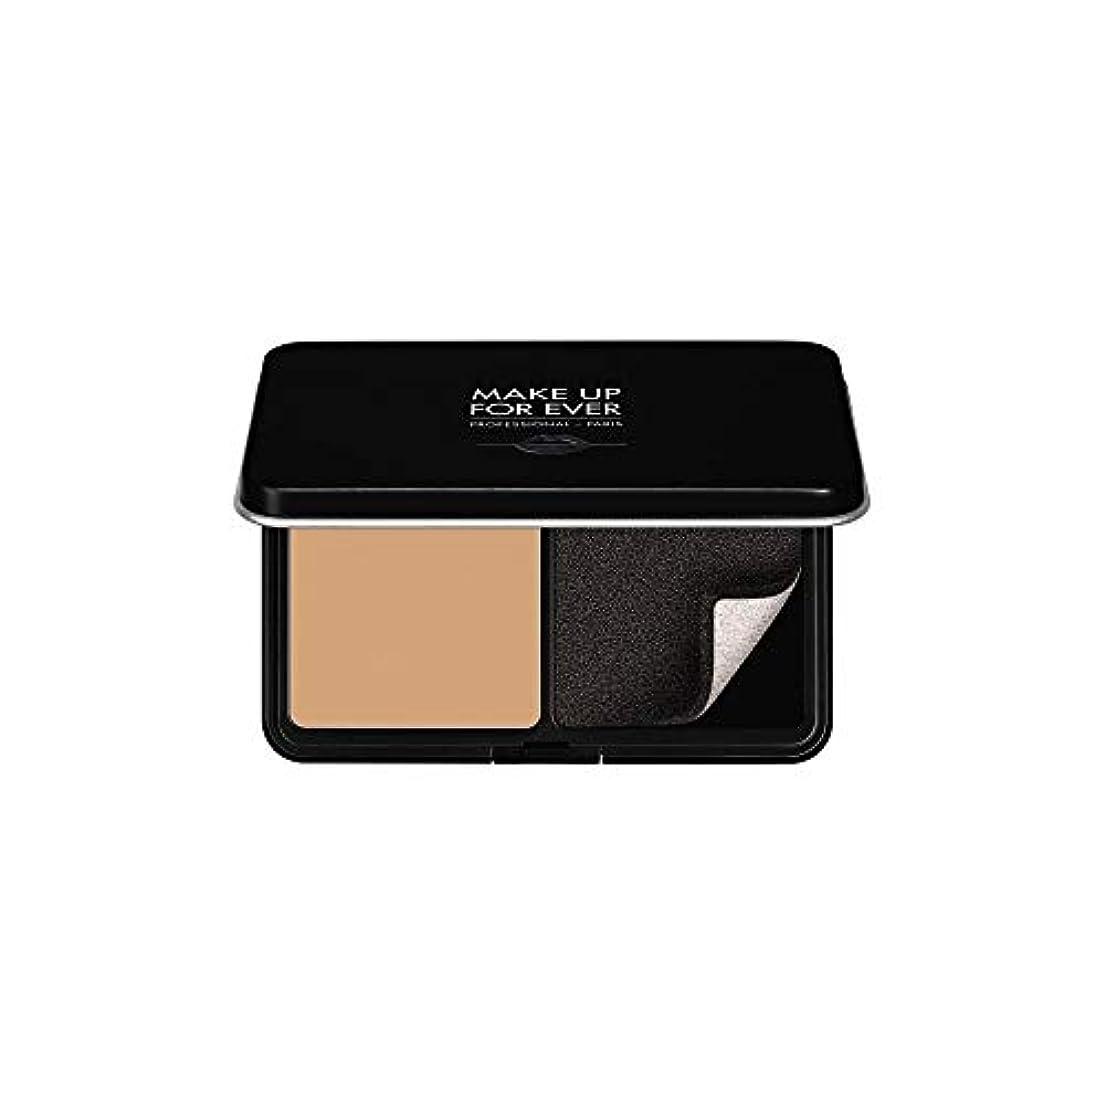 ベリ内なるほのかメイクアップフォーエバー Matte Velvet Skin Blurring Powder Foundation - # R330 (Warm Ivory) 11g/0.38oz並行輸入品